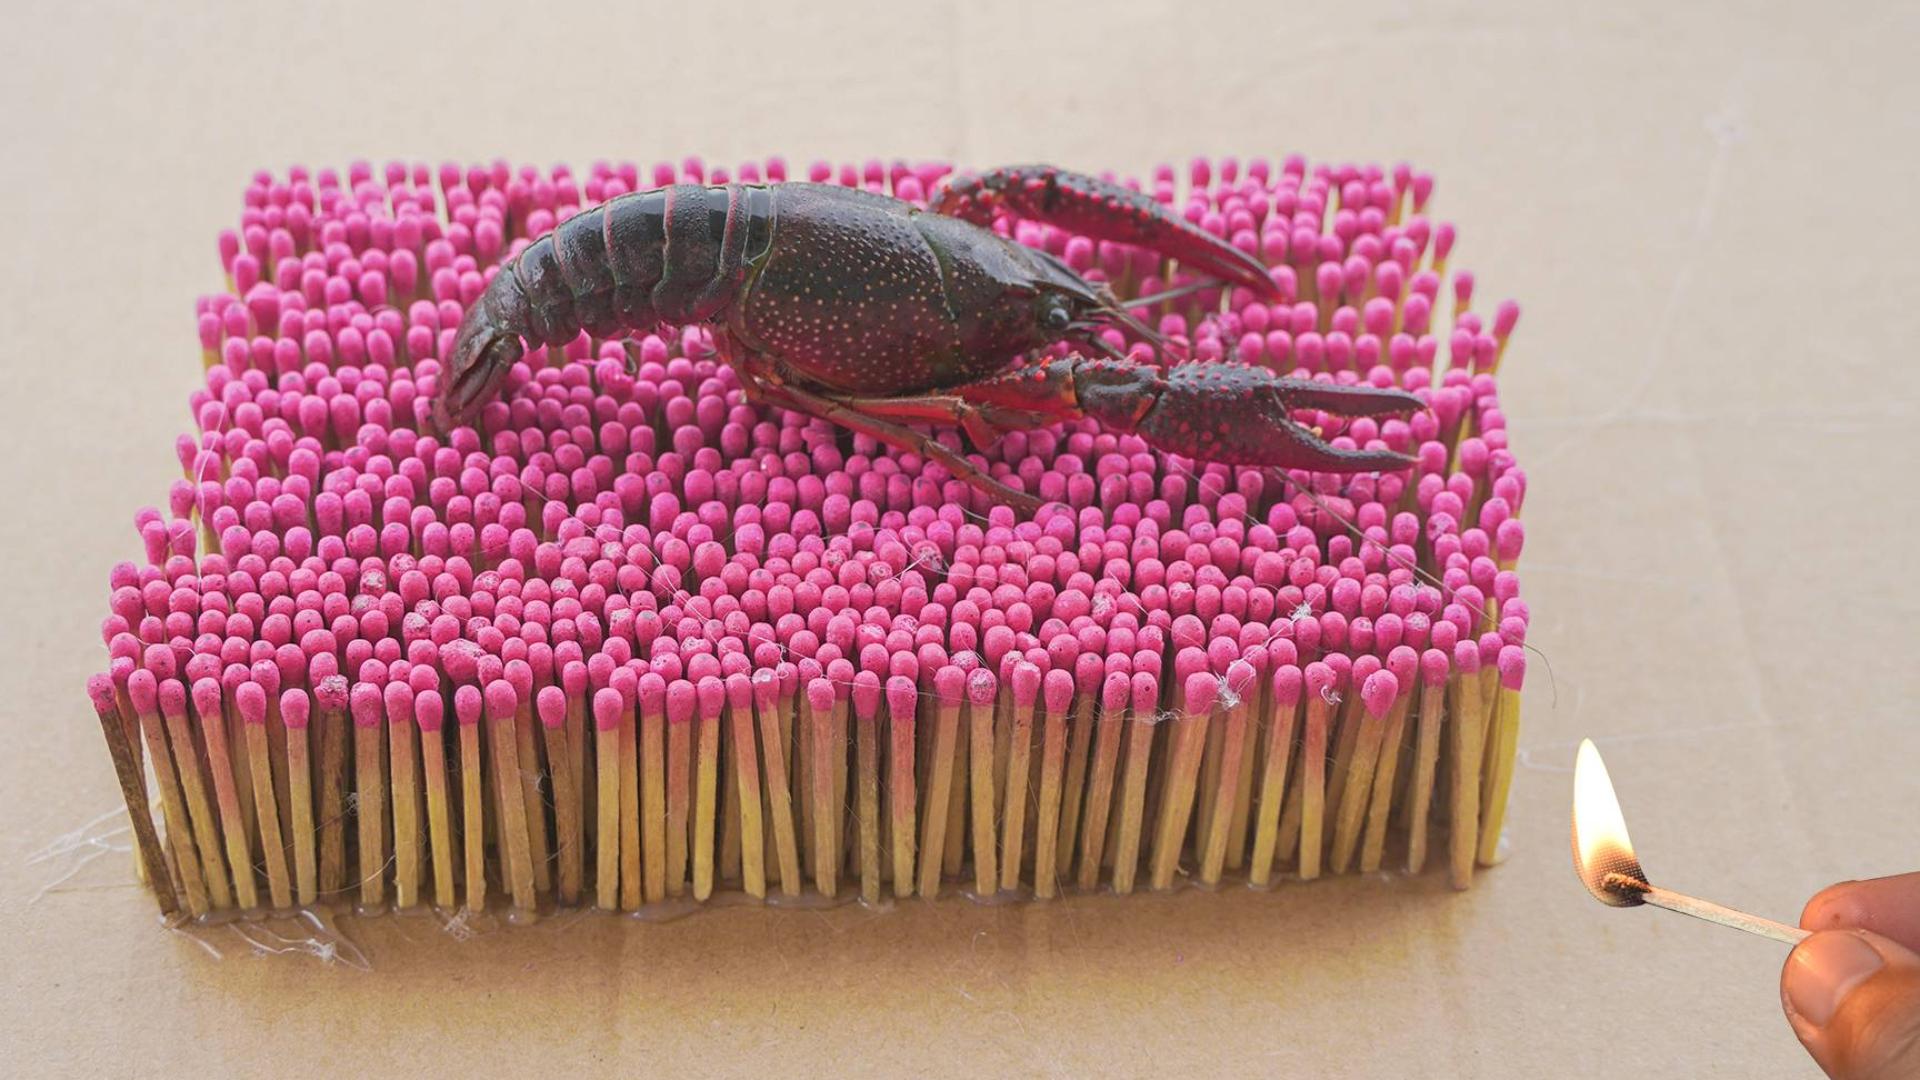 """将""""小龙虾""""放在1500根火柴上,能将小龙虾烤熟么?"""